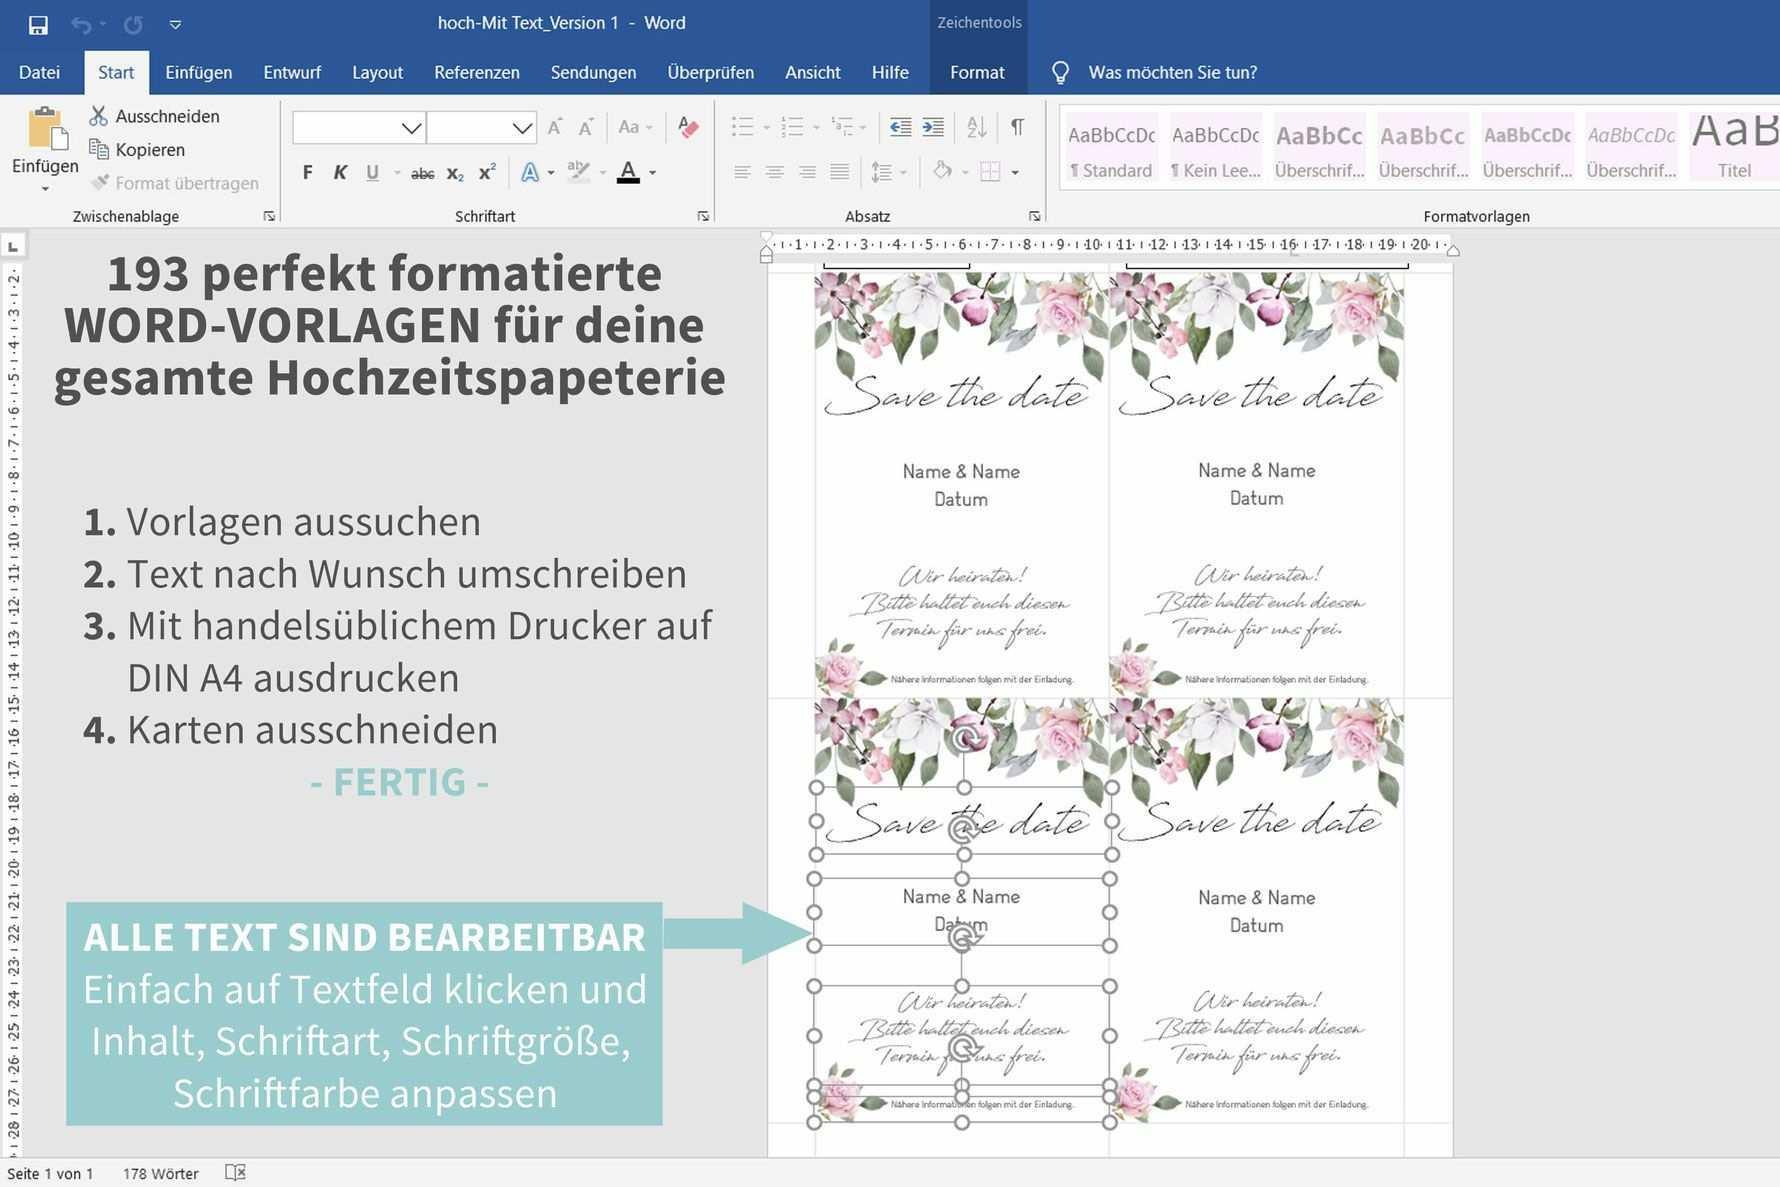 Rose 193 Word Vorlagen Zum Ausdrucken Einladungskarten Hochzeit Selbst Gestalten Tischdeko Hochzeit Selber Machen Einladungskarten Hochzeit Selber Machen